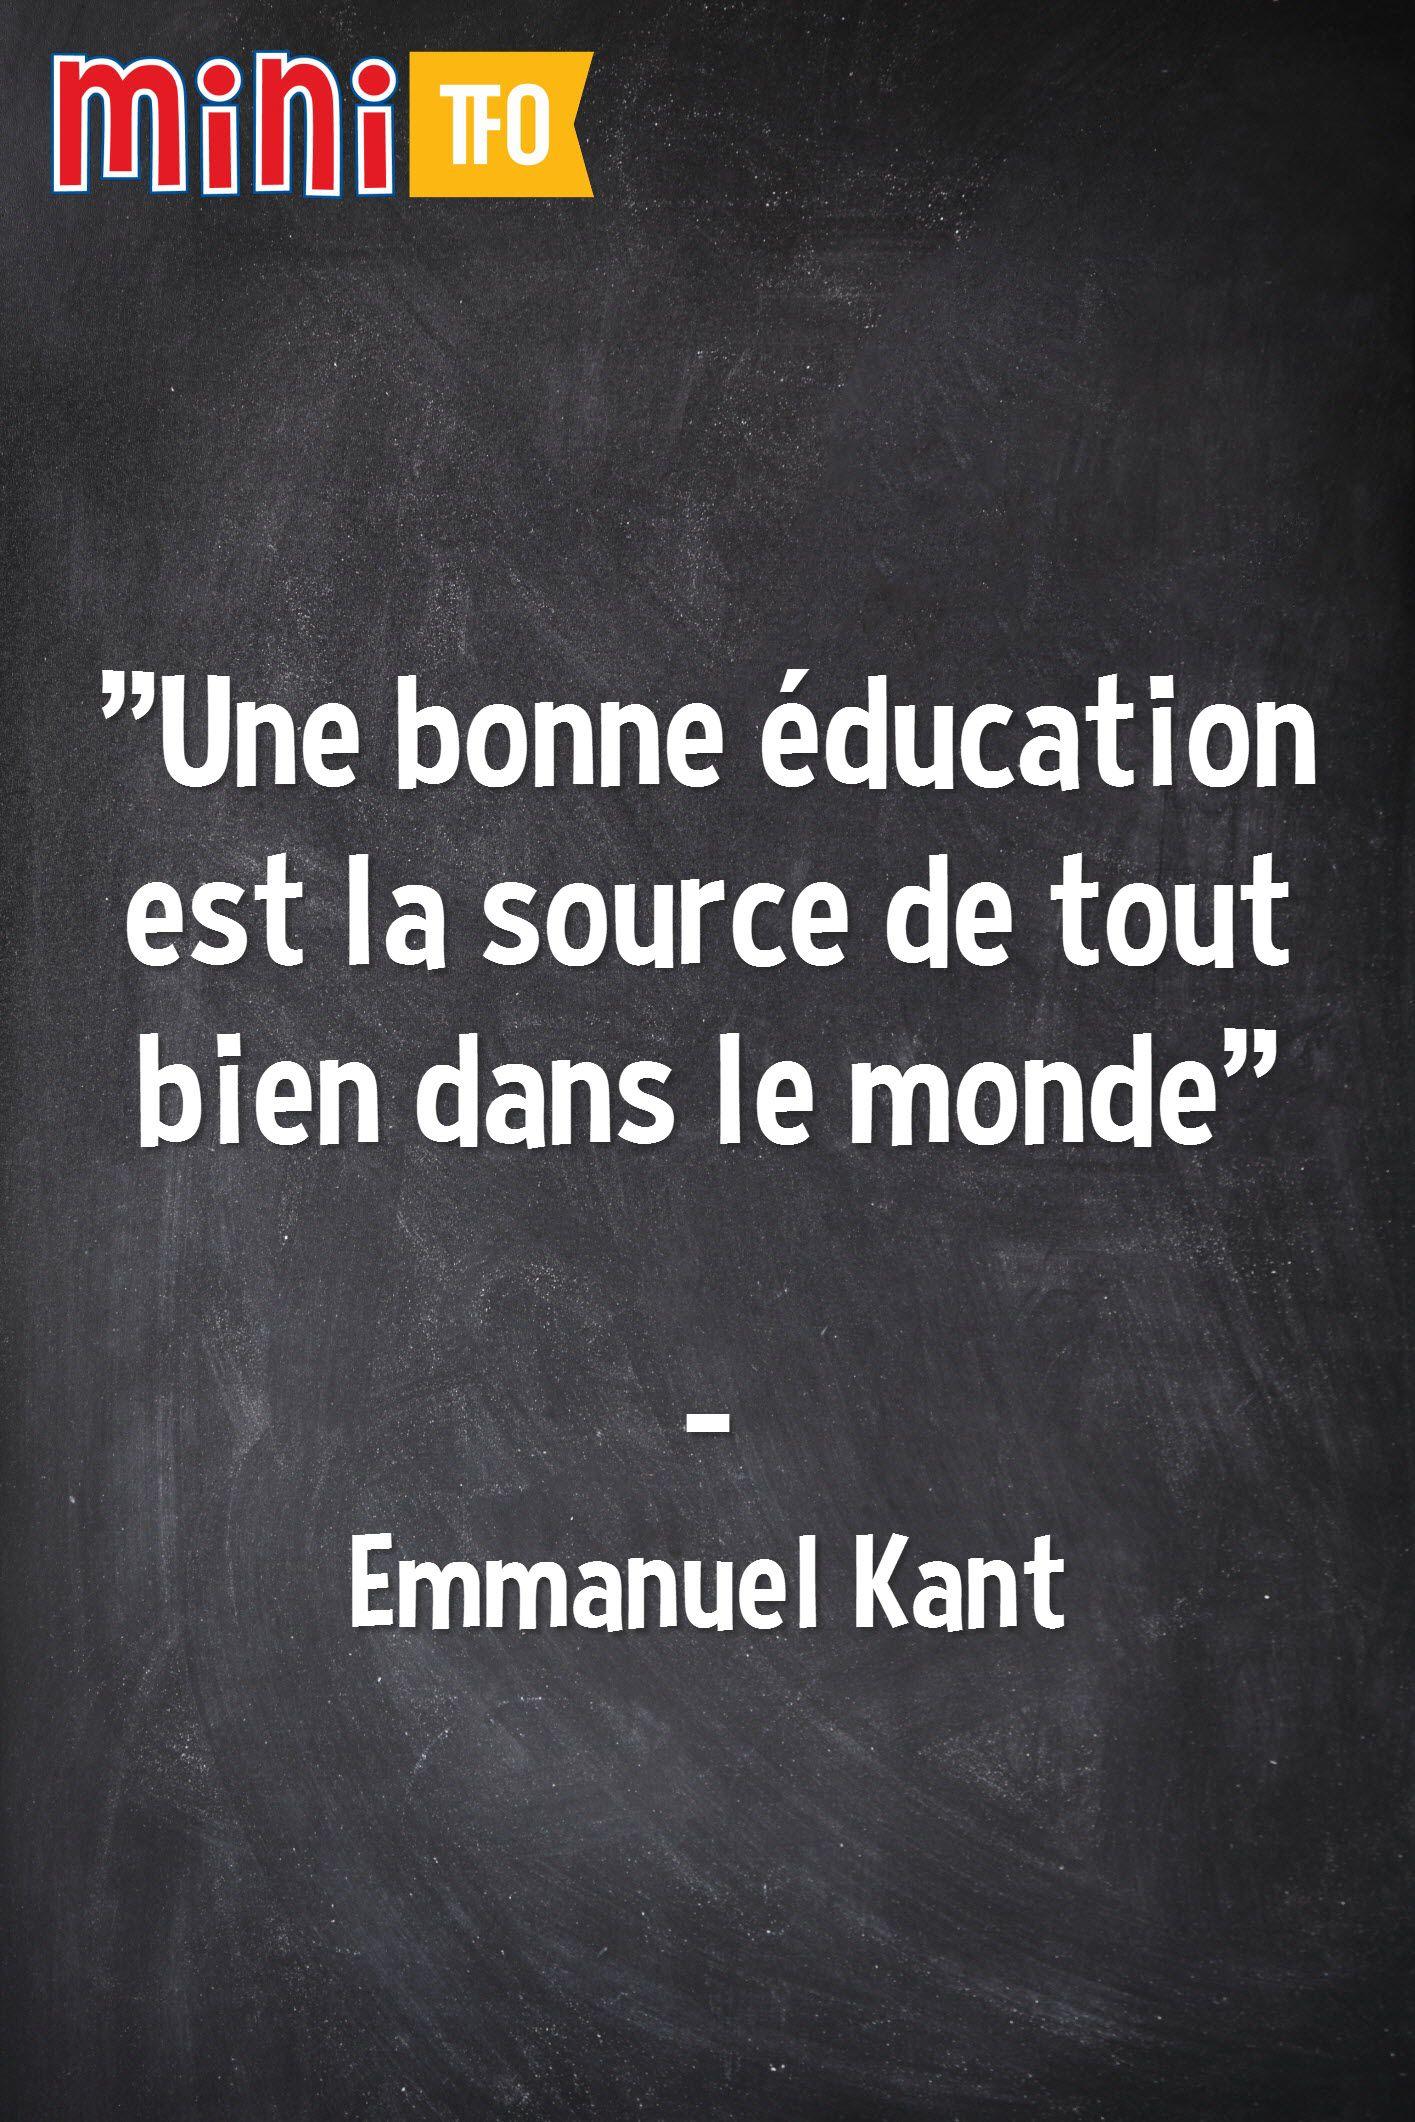 Une Bonne Education Est La Source De Tout Bien Dans Le Monde Emmanuel Kant Philosophy Cards Against Humanity